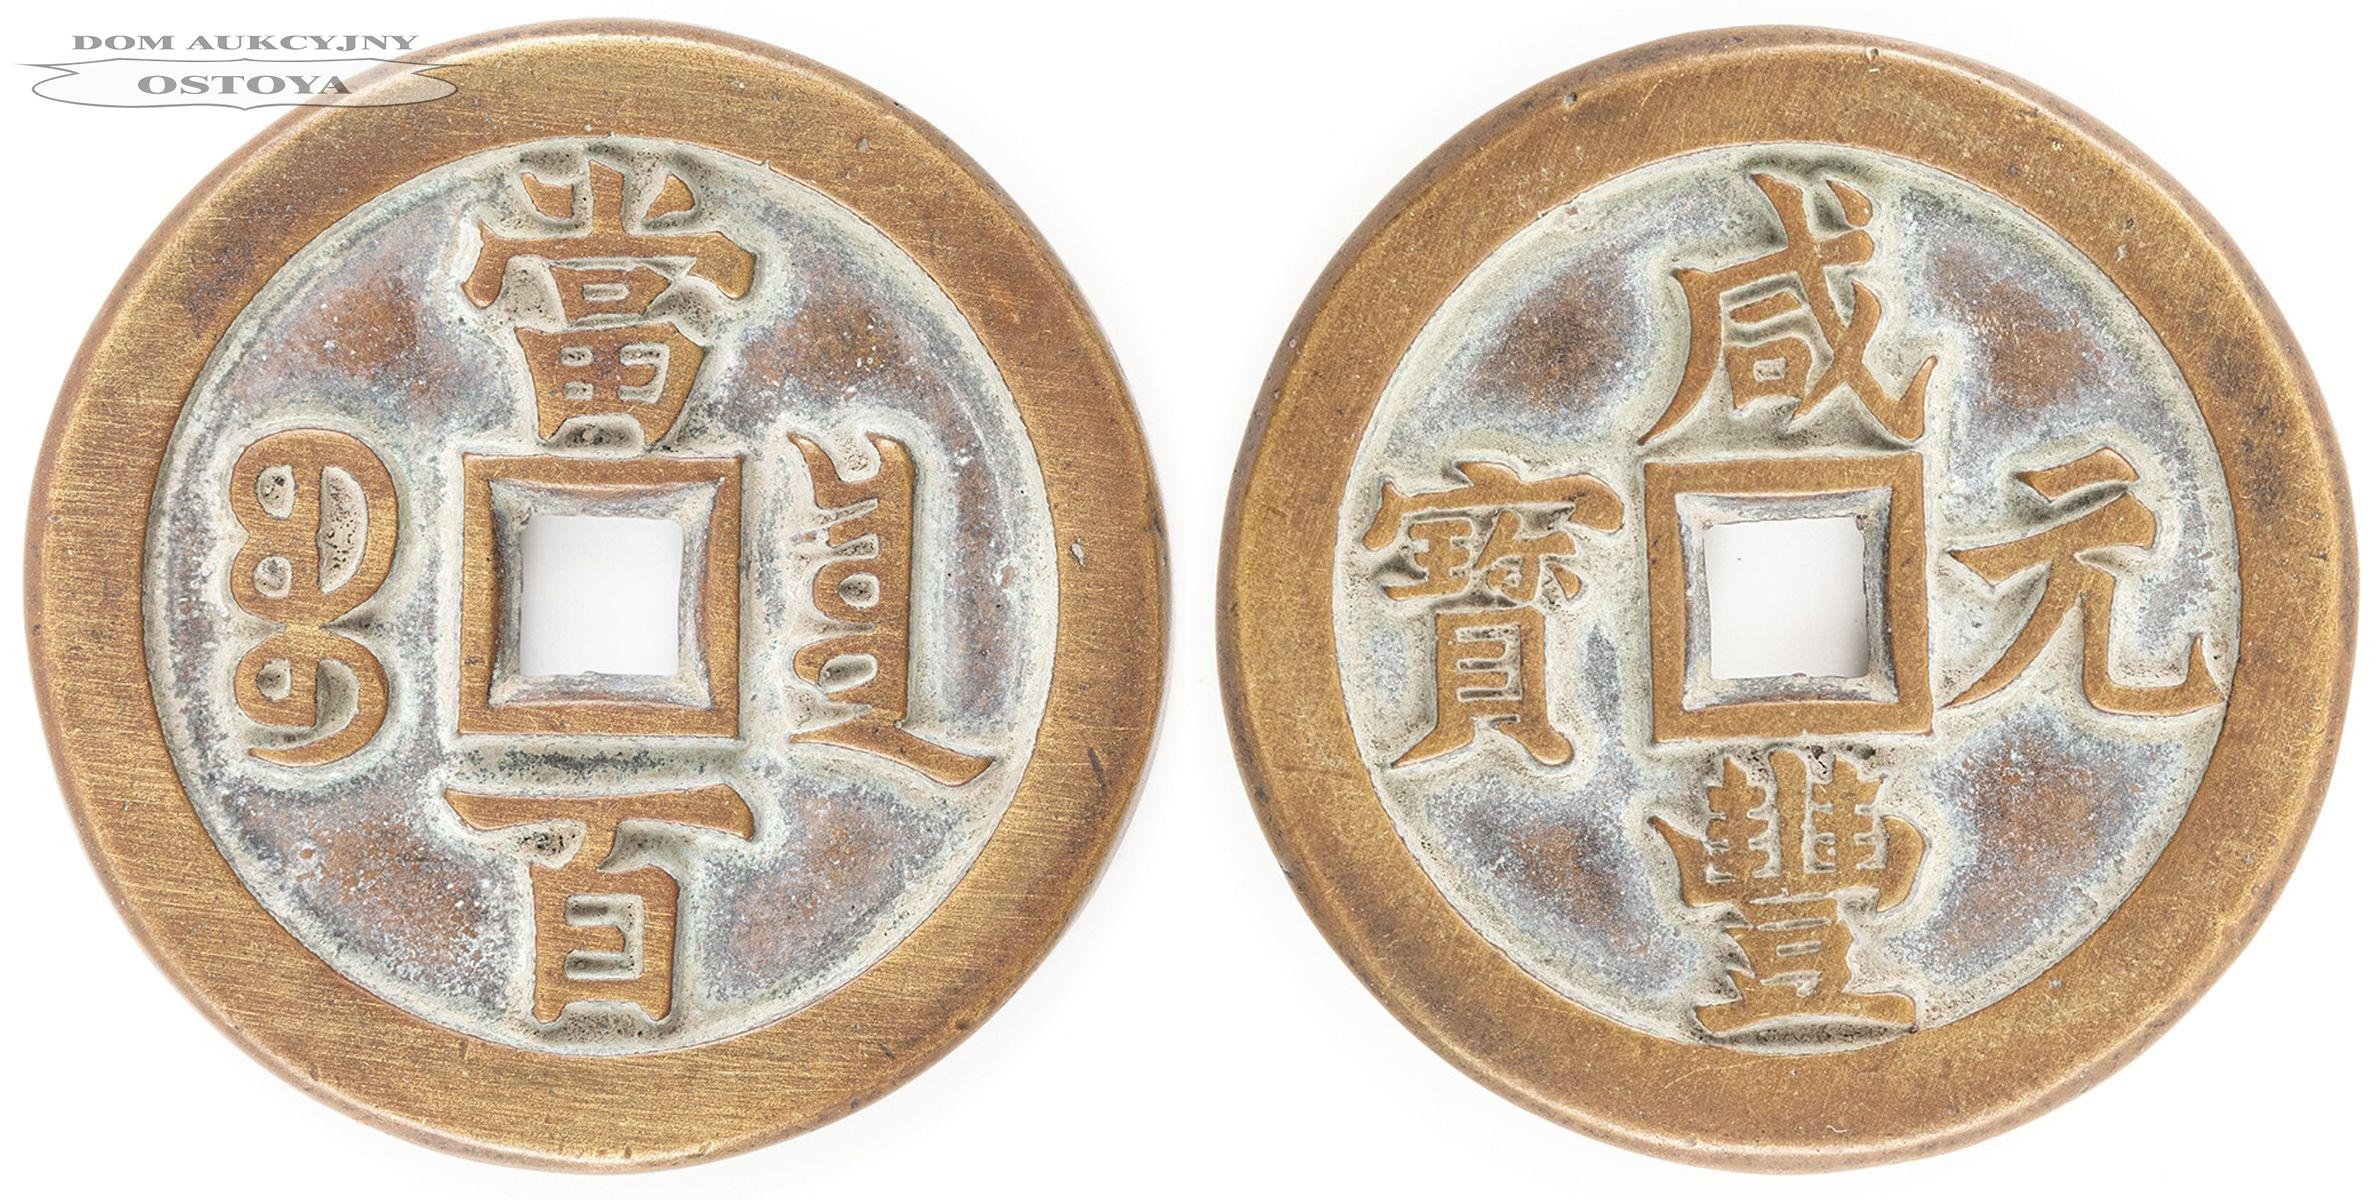 MONETA KESZOWA, 100 keszów, Xianfeng, Bao Qua, 1831-61